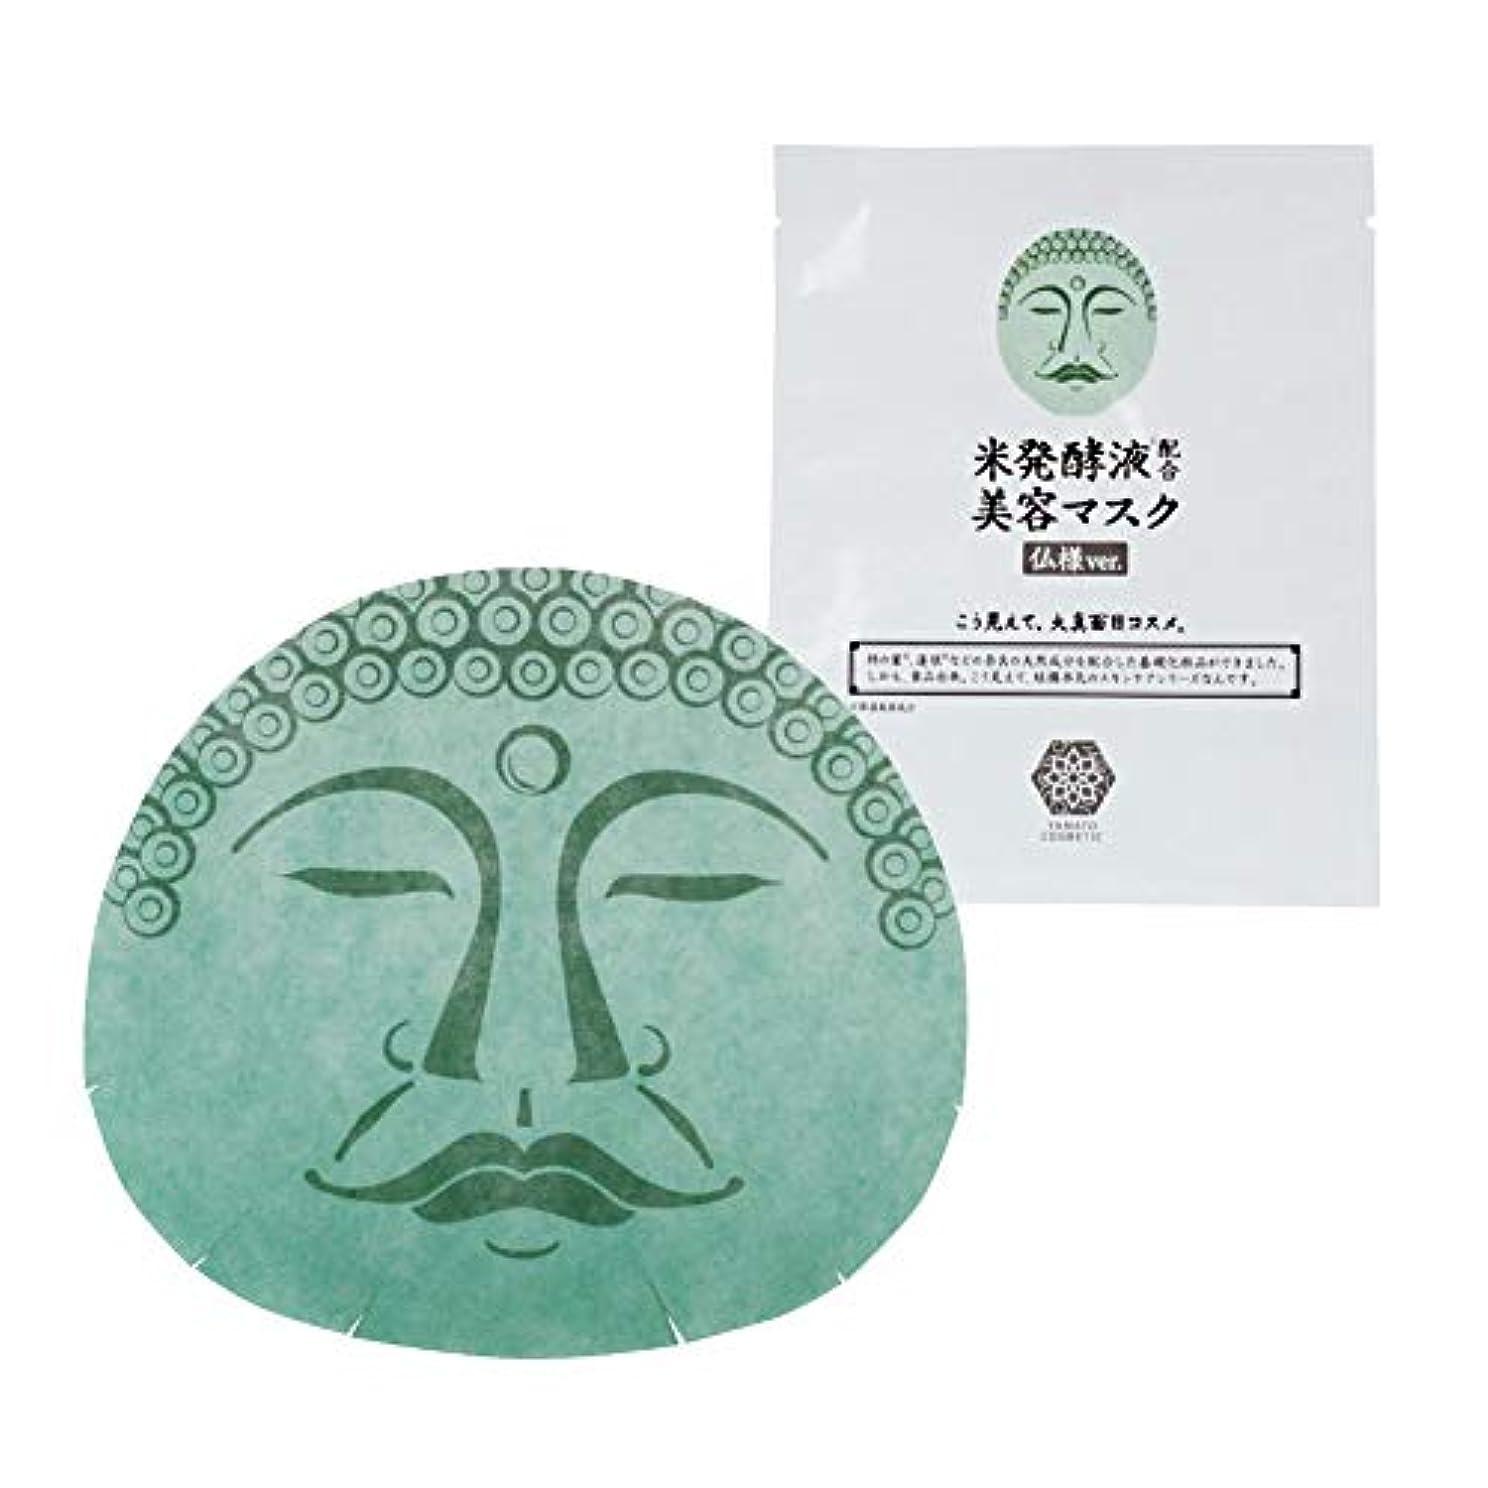 スキル協力抽出やまとコスメティック 美容液マスク 25mL 1枚 仏様 仏様パック